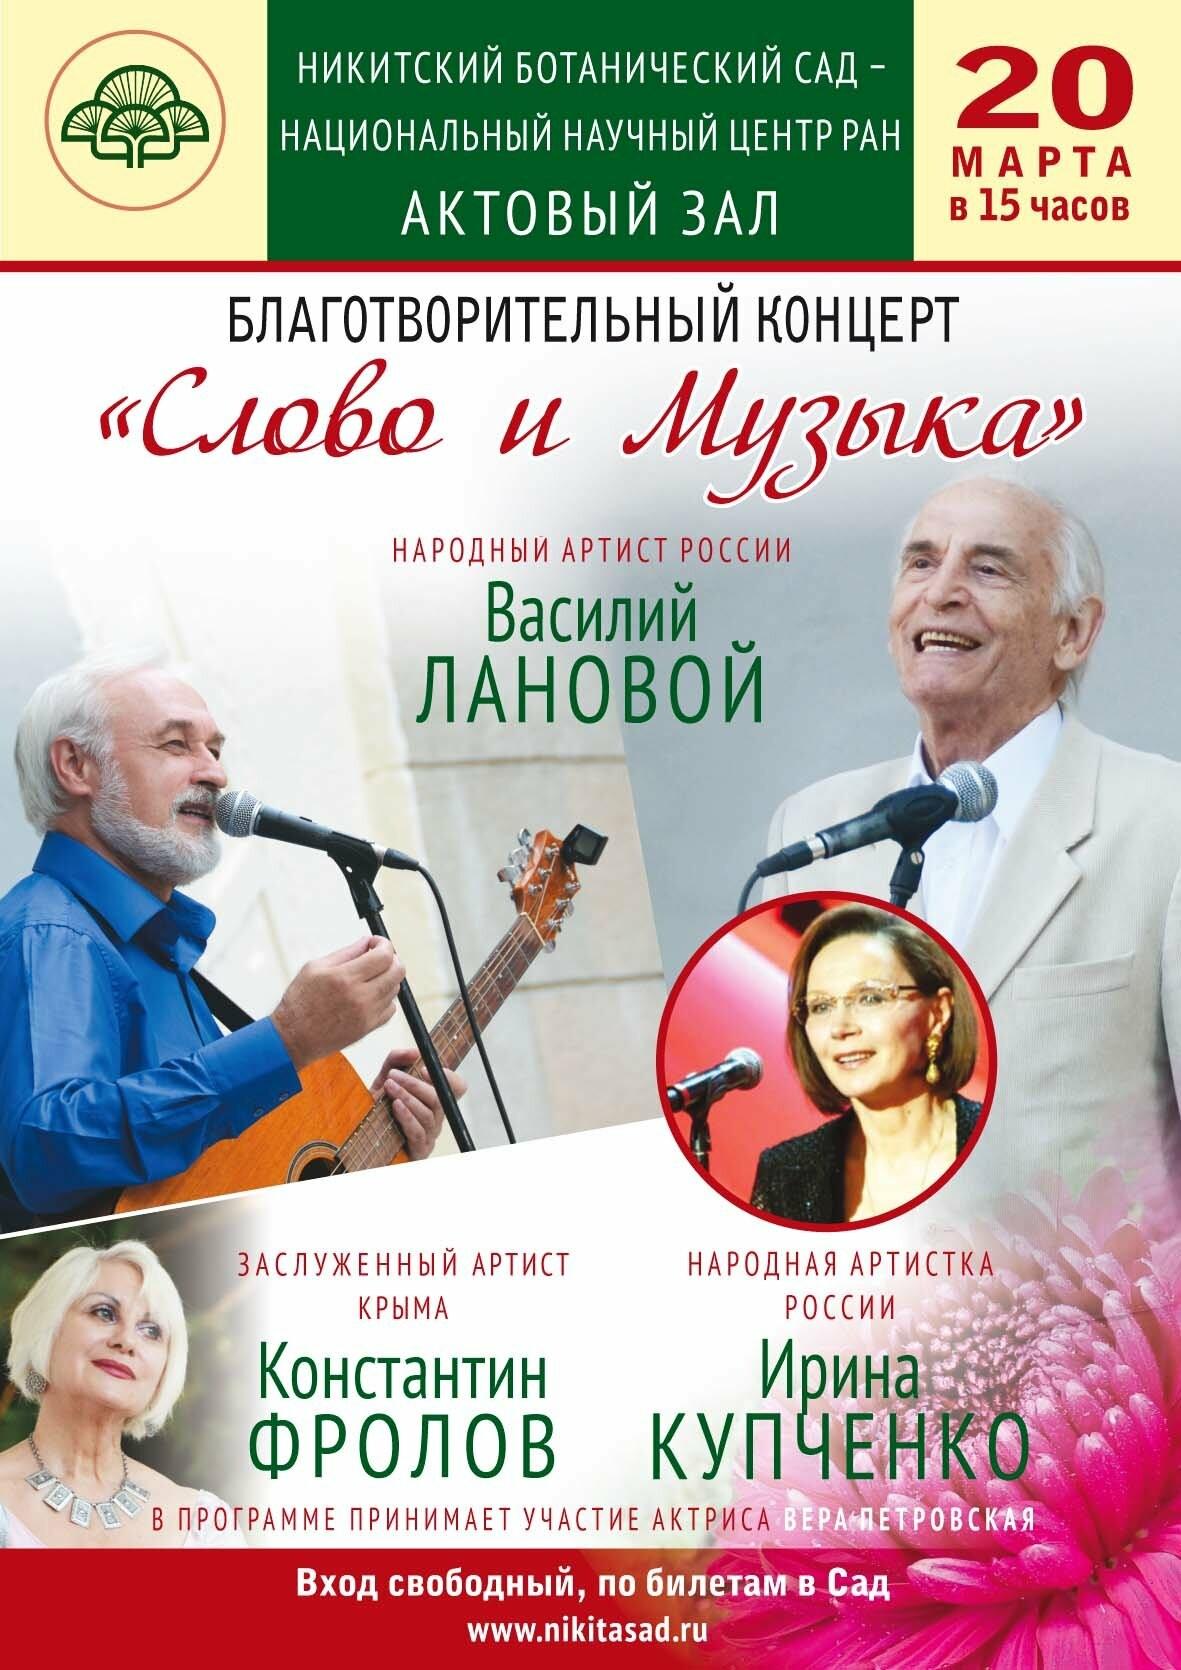 Василий Лановой: благотворительный концерт 20 марта в Никитском ботаническом саду, фото-1